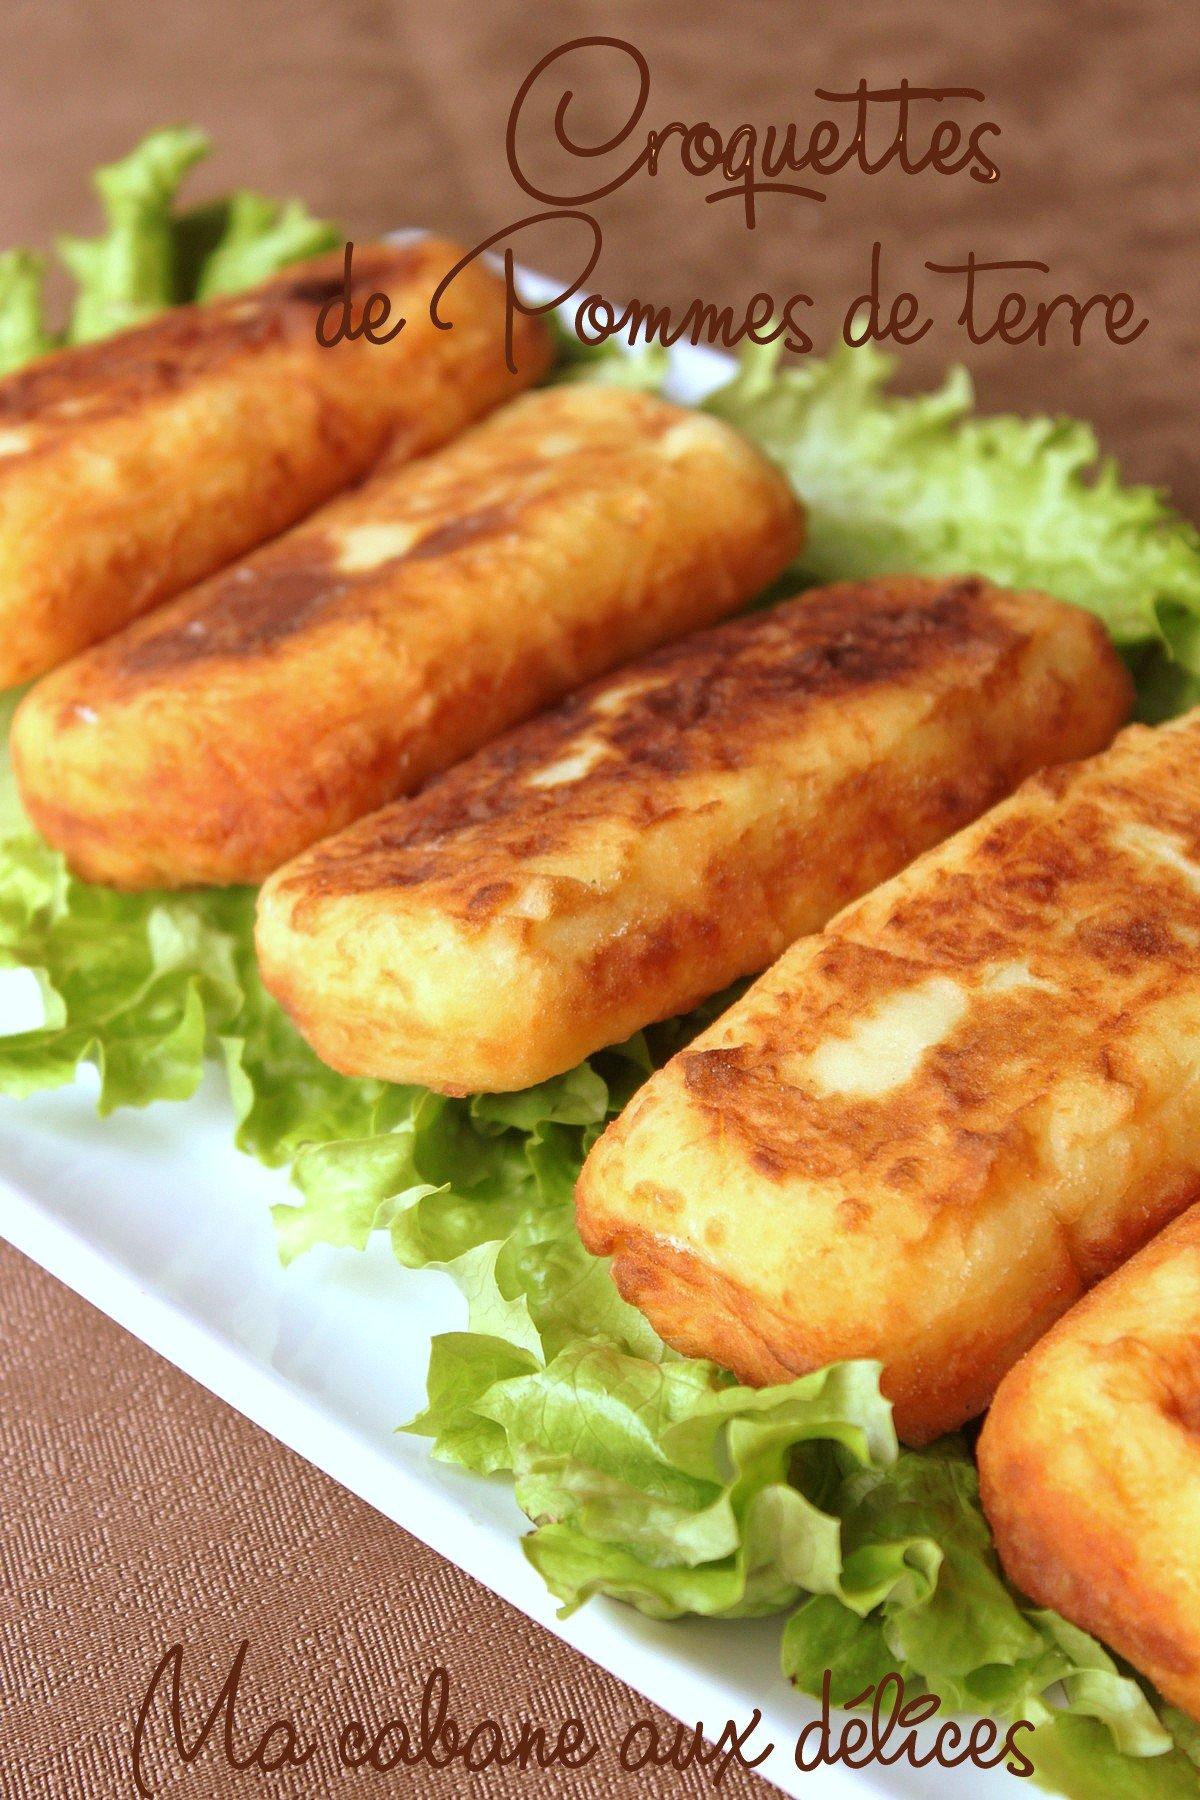 Croquettes De Pommes De Terre A La Viande Hachee La Cuisine De Djouza